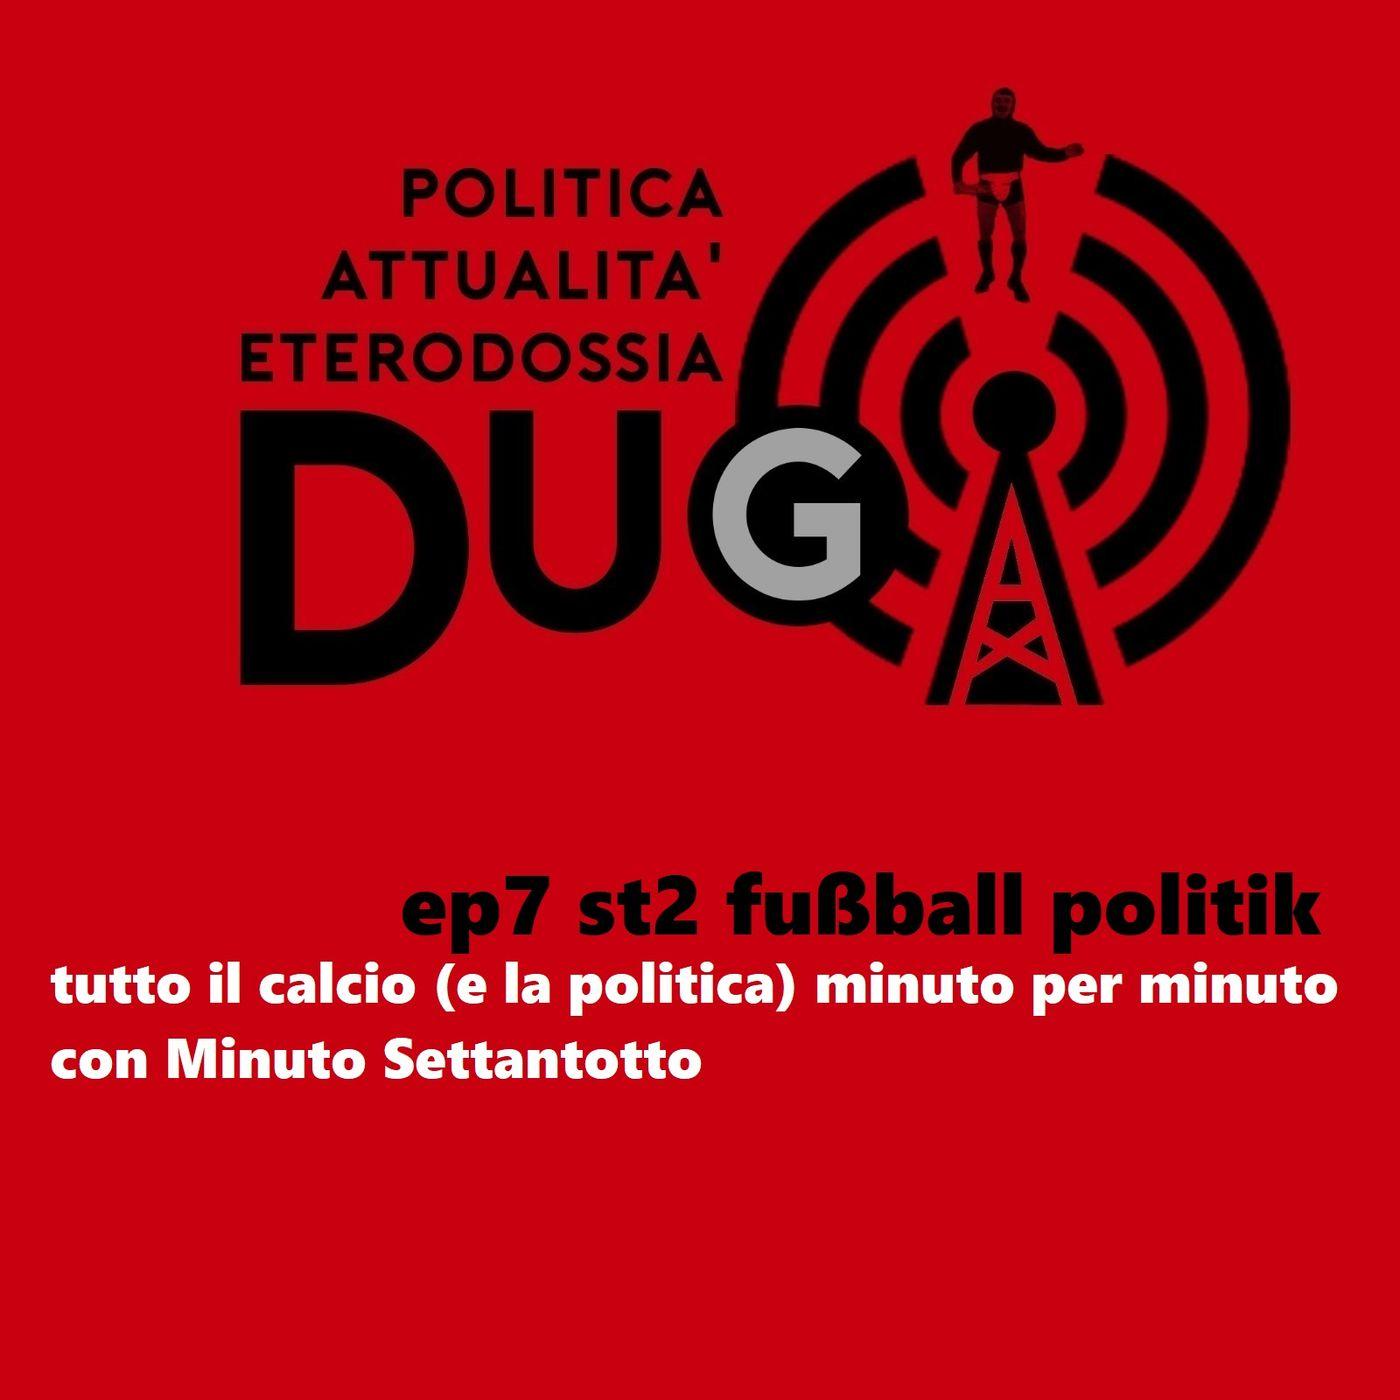 pt7 st2 fußball politik_tutto il calcio (e la politica) minuto per minuto_con Minuto Settantotto